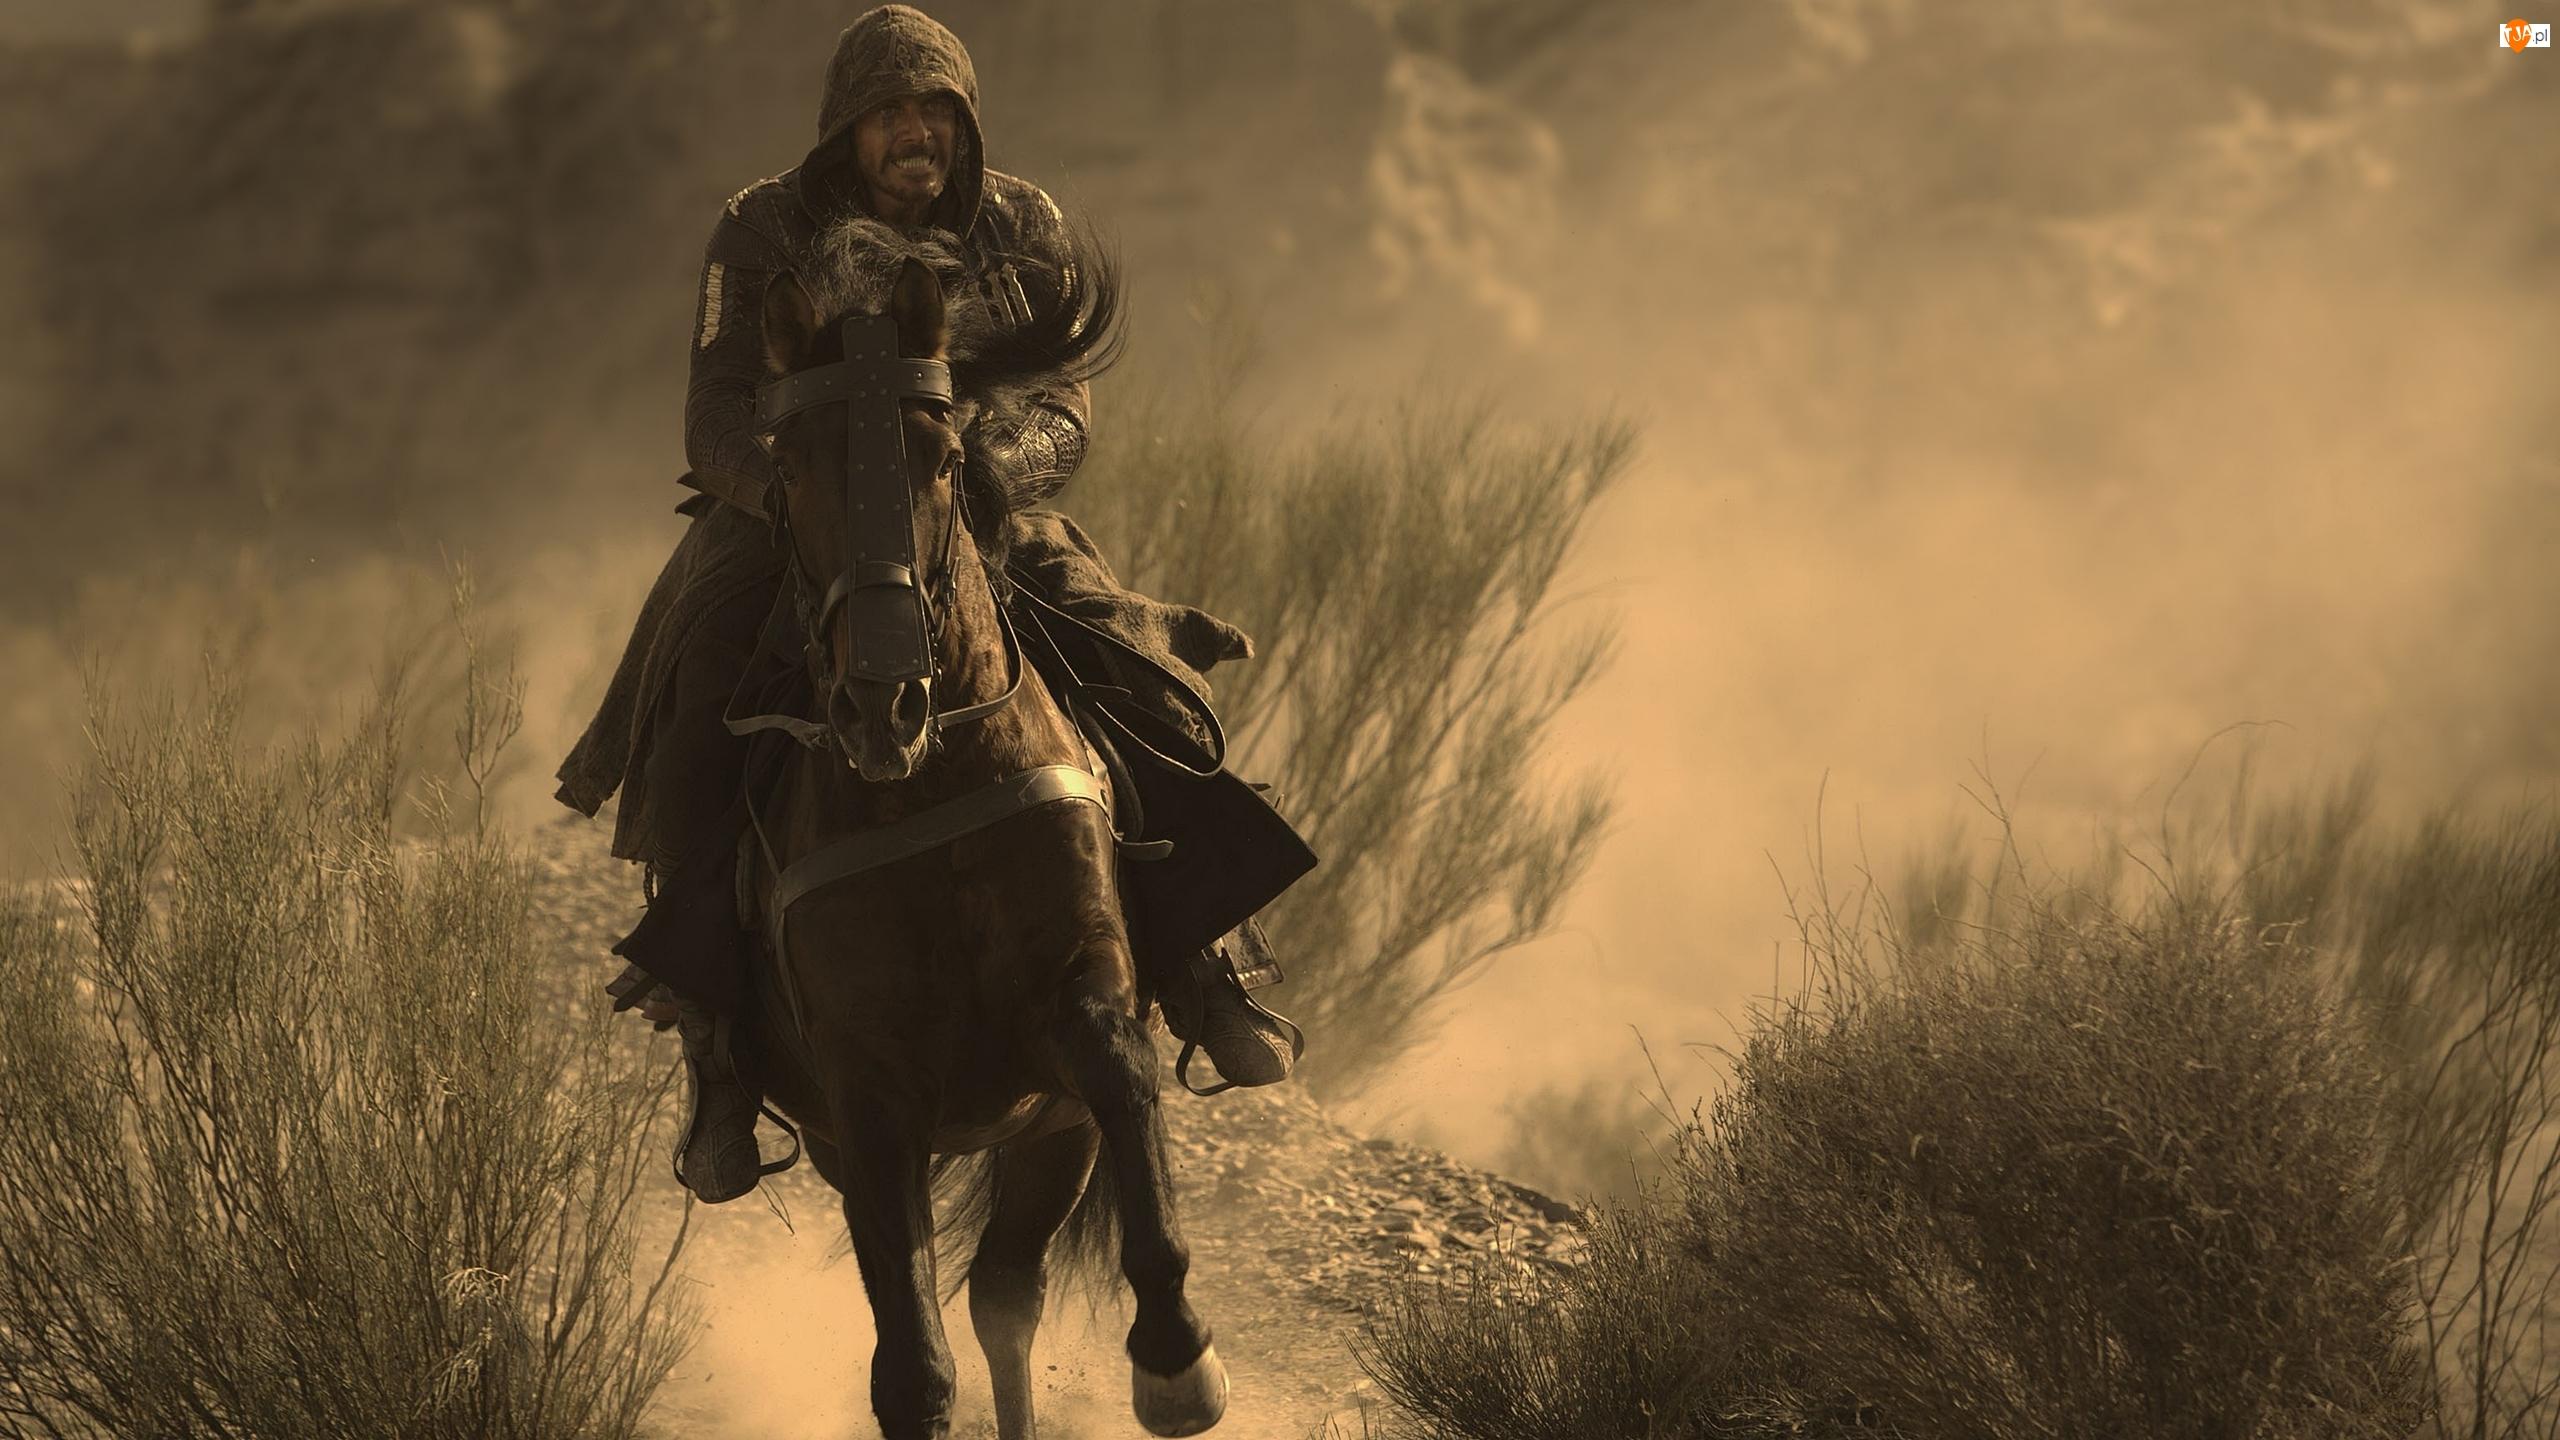 Film, Koń, Assassin's Creed, Michael Fassbender